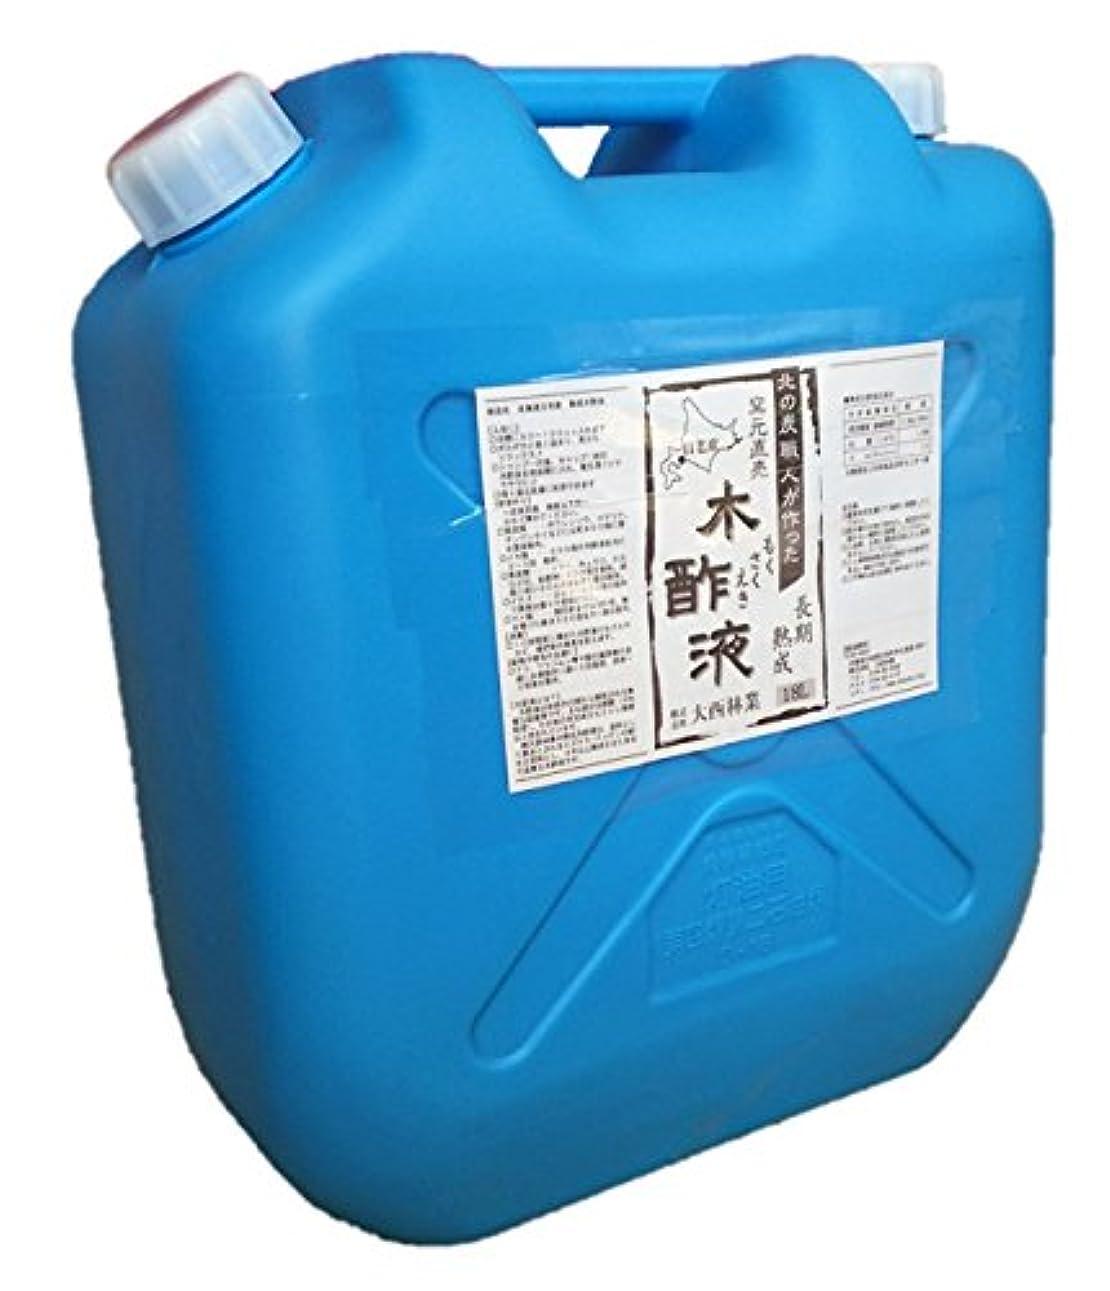 セマフォ精緻化延期する熟成木酢液18L